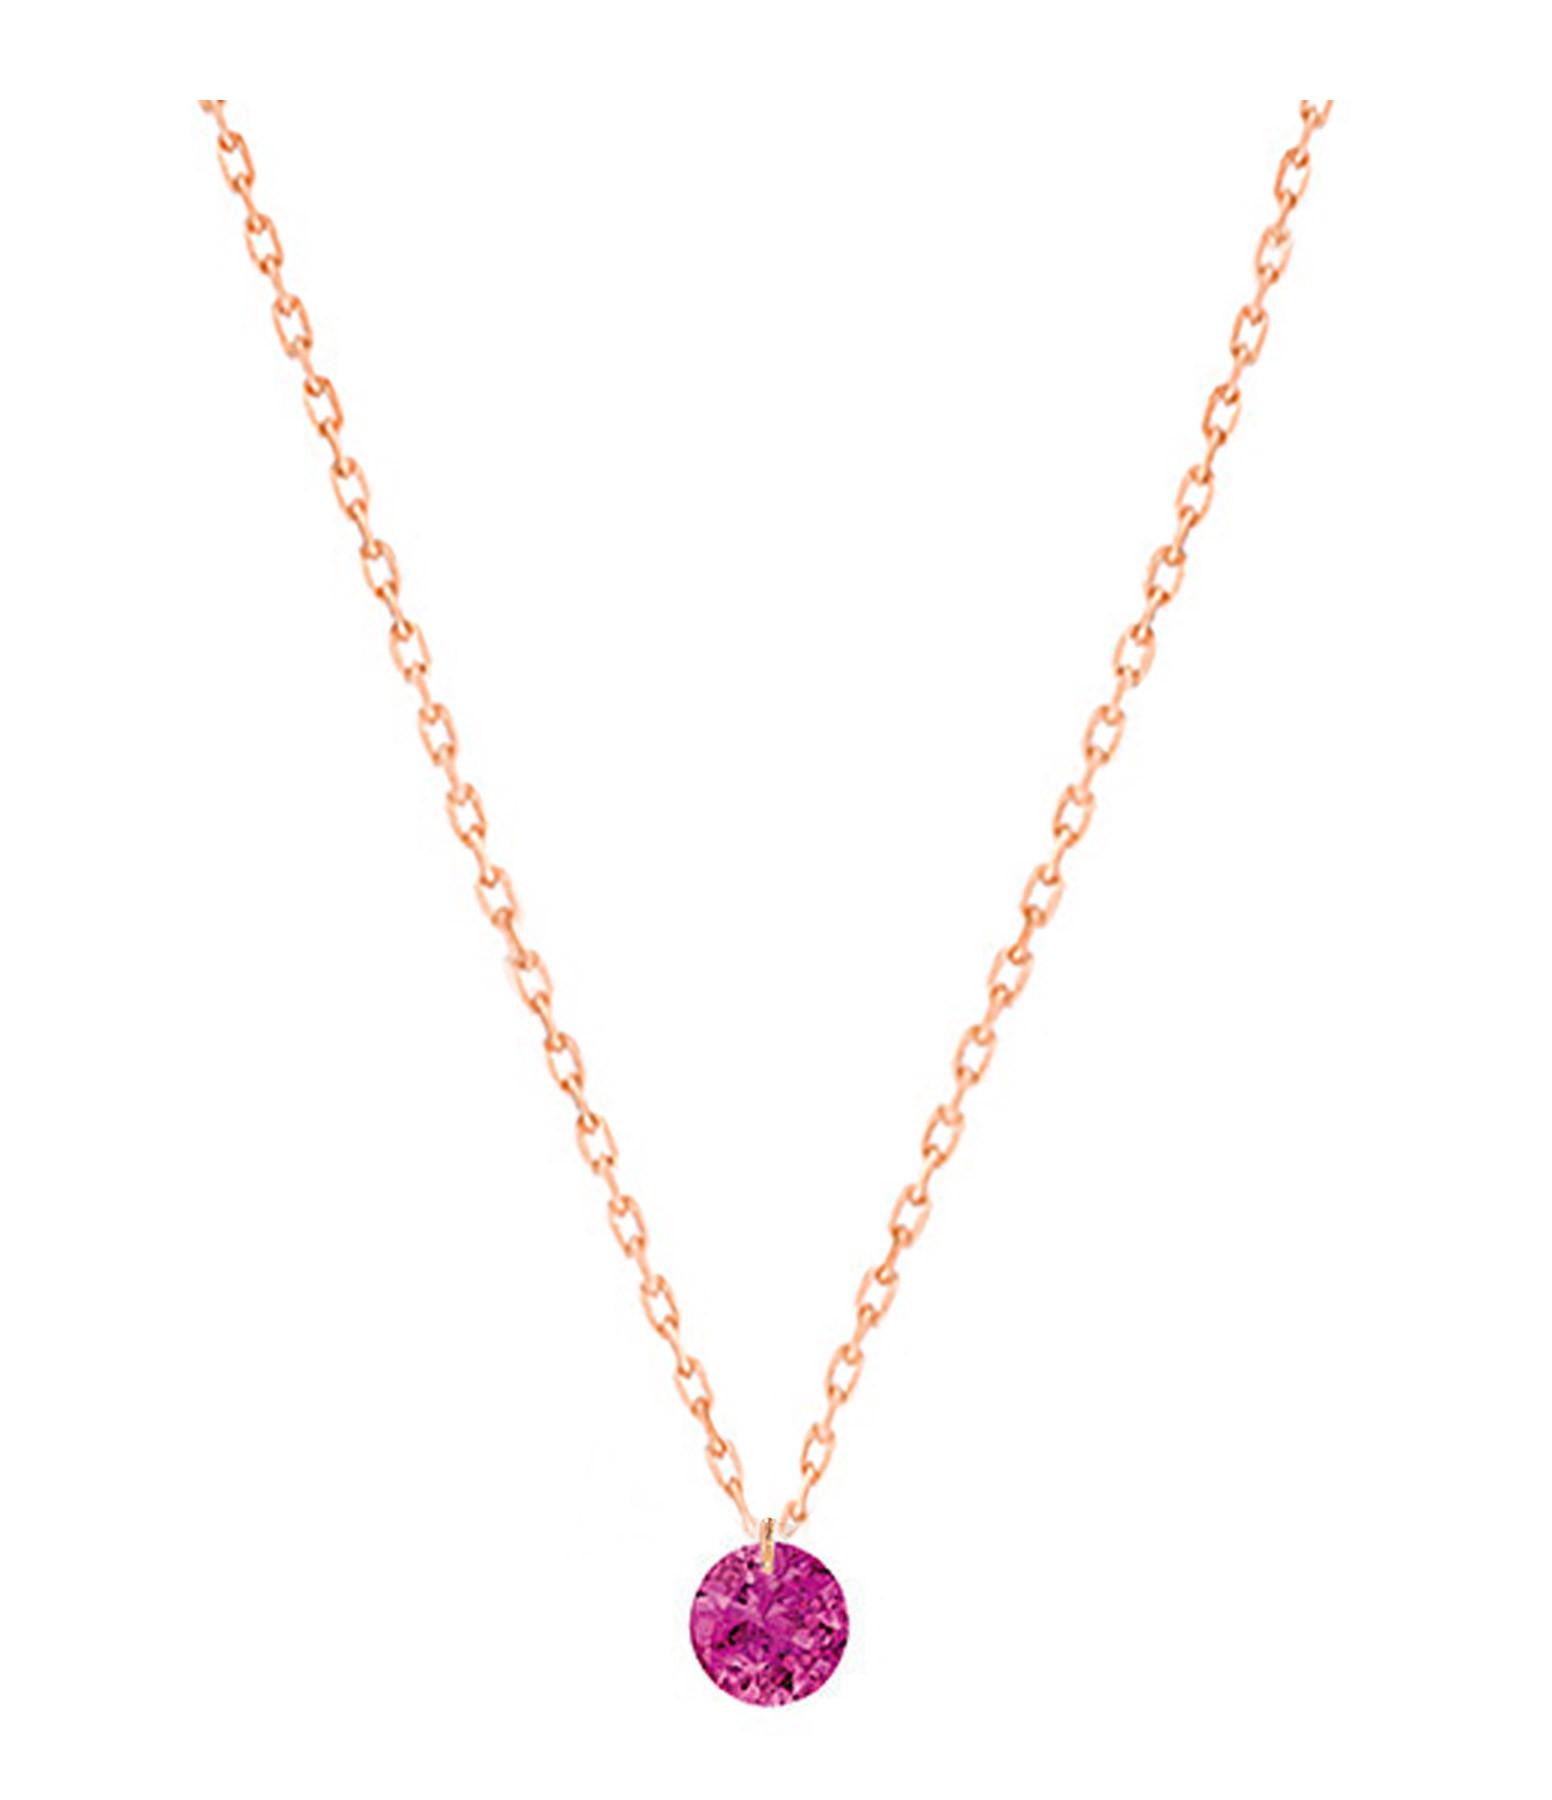 LA BRUNE & LA BLONDE - Collier Confetti Rubis Or Rose